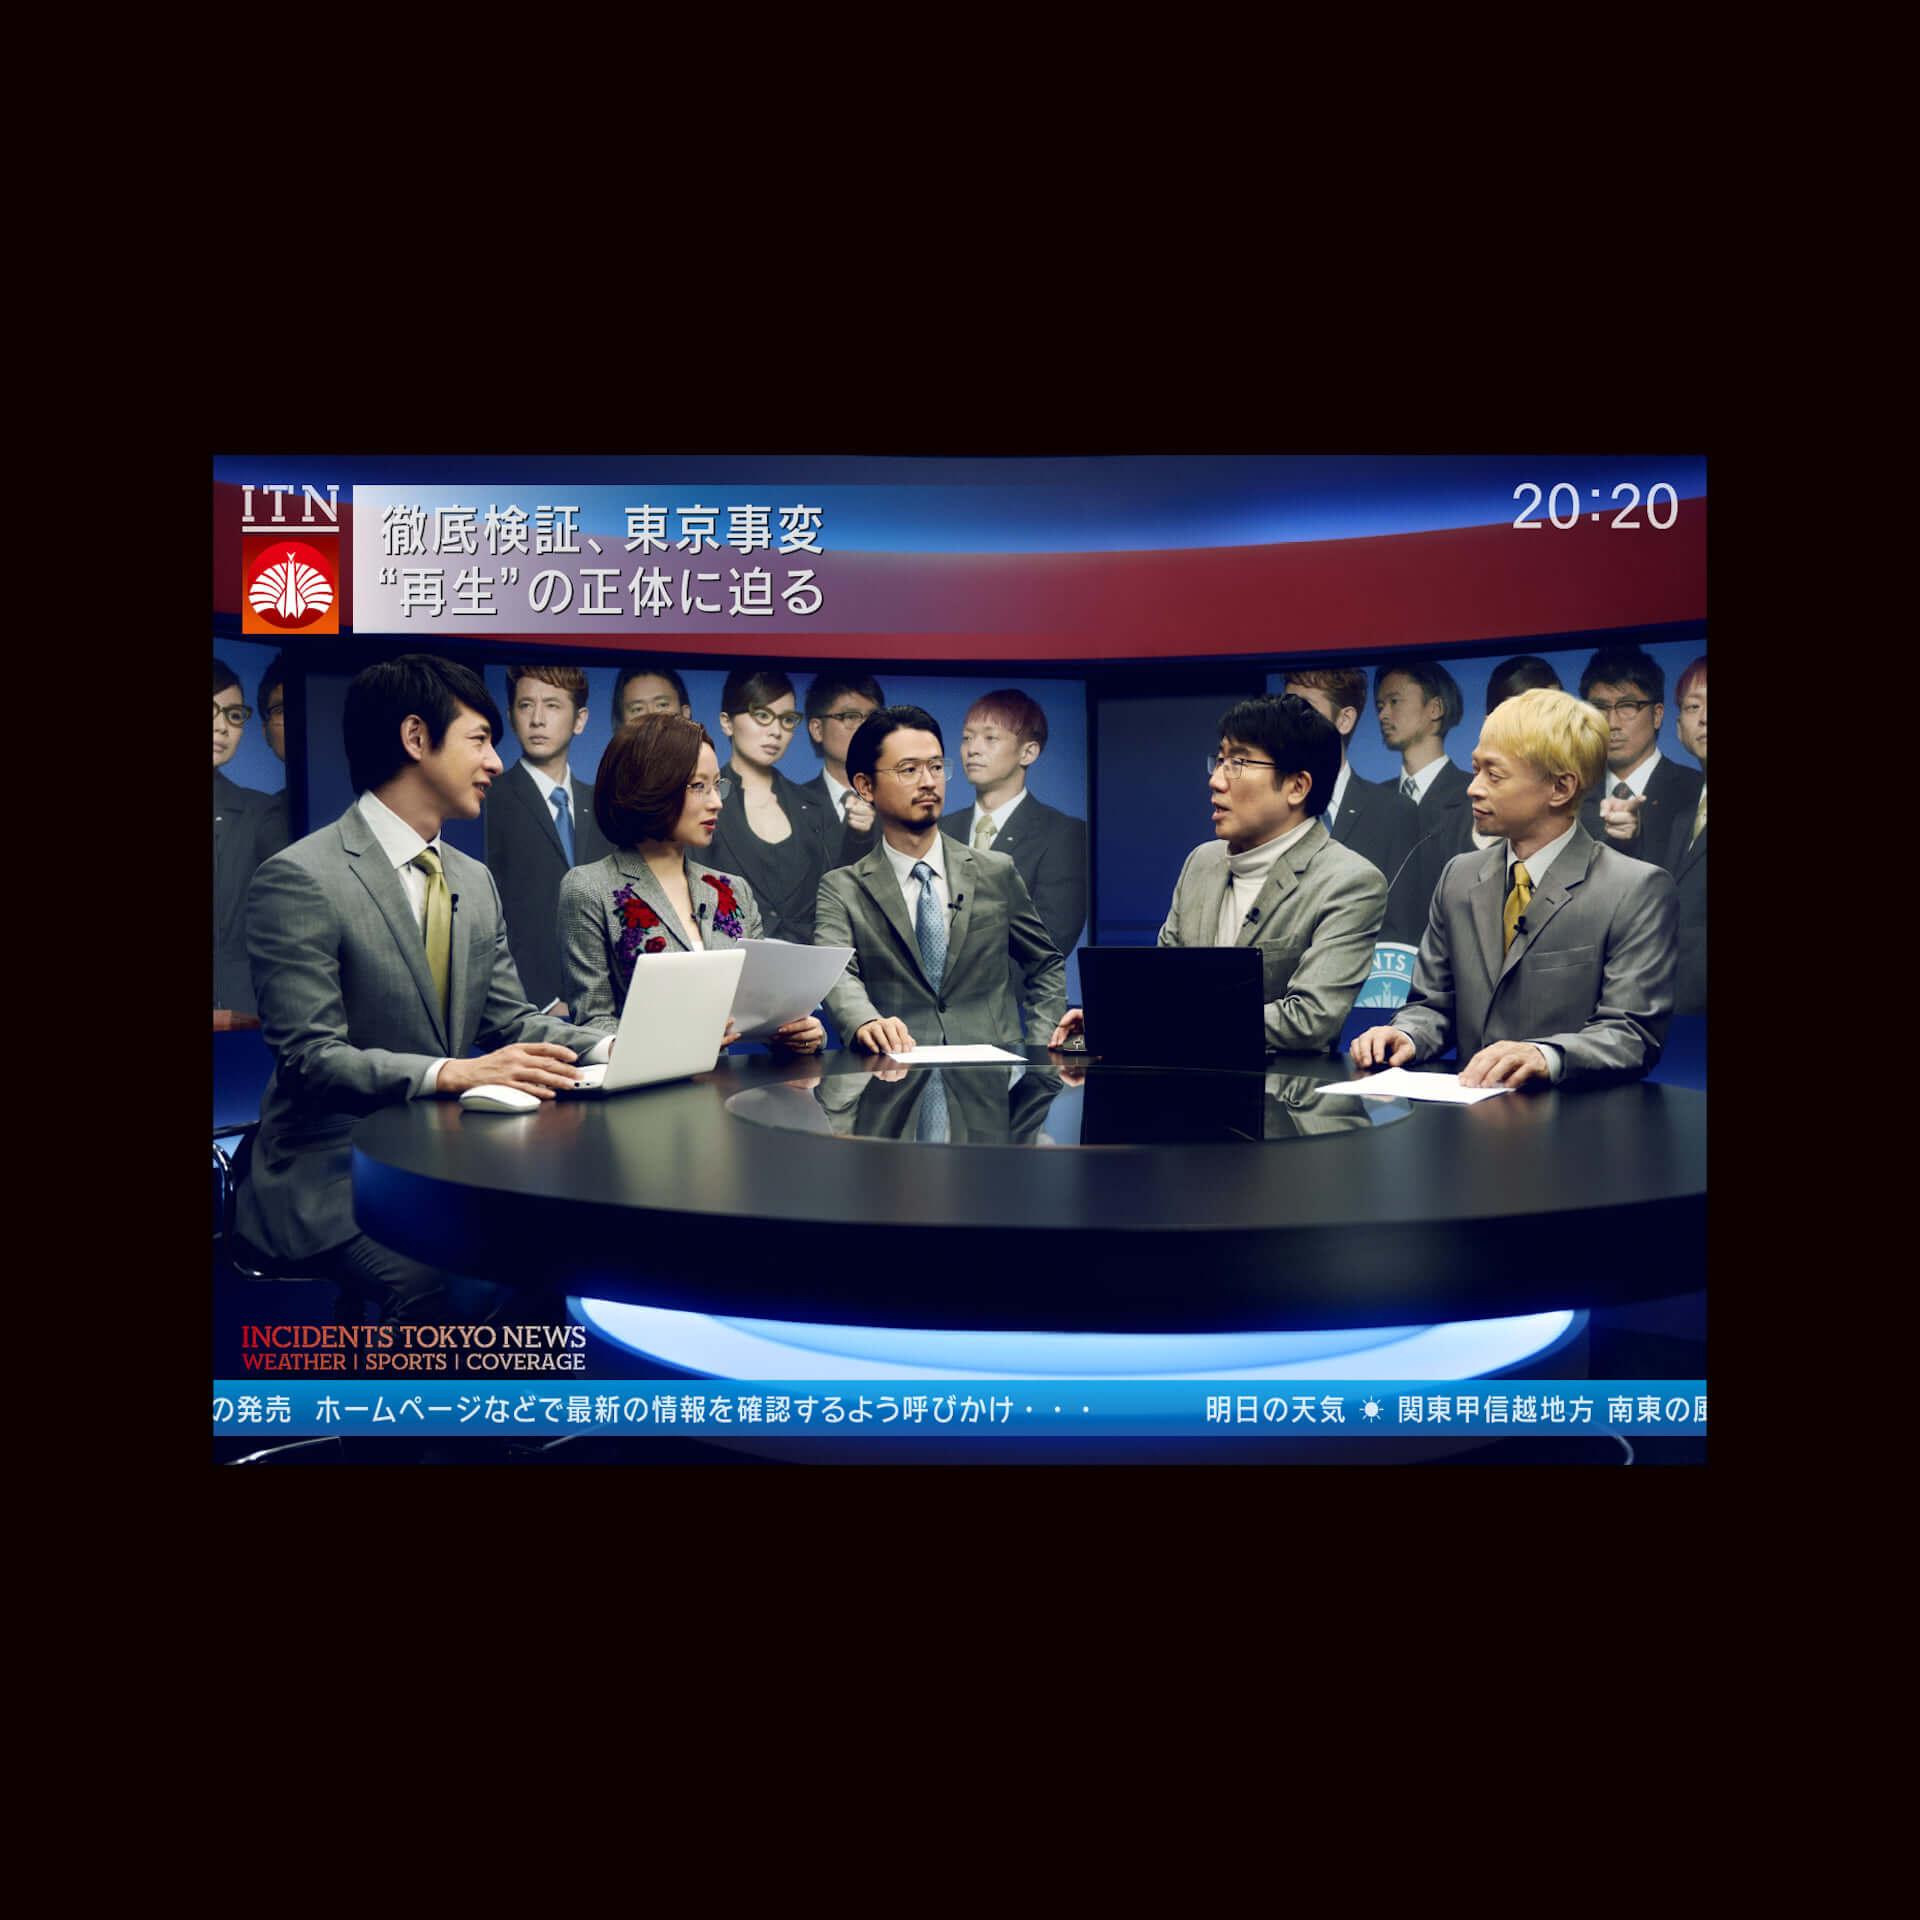 東京事変の新EP『ニュース』が本日ついに発売!椎名林檎へのインタビューを基にしたライナーノーツも公開 music200408_tokyojihen_2-1920x1920